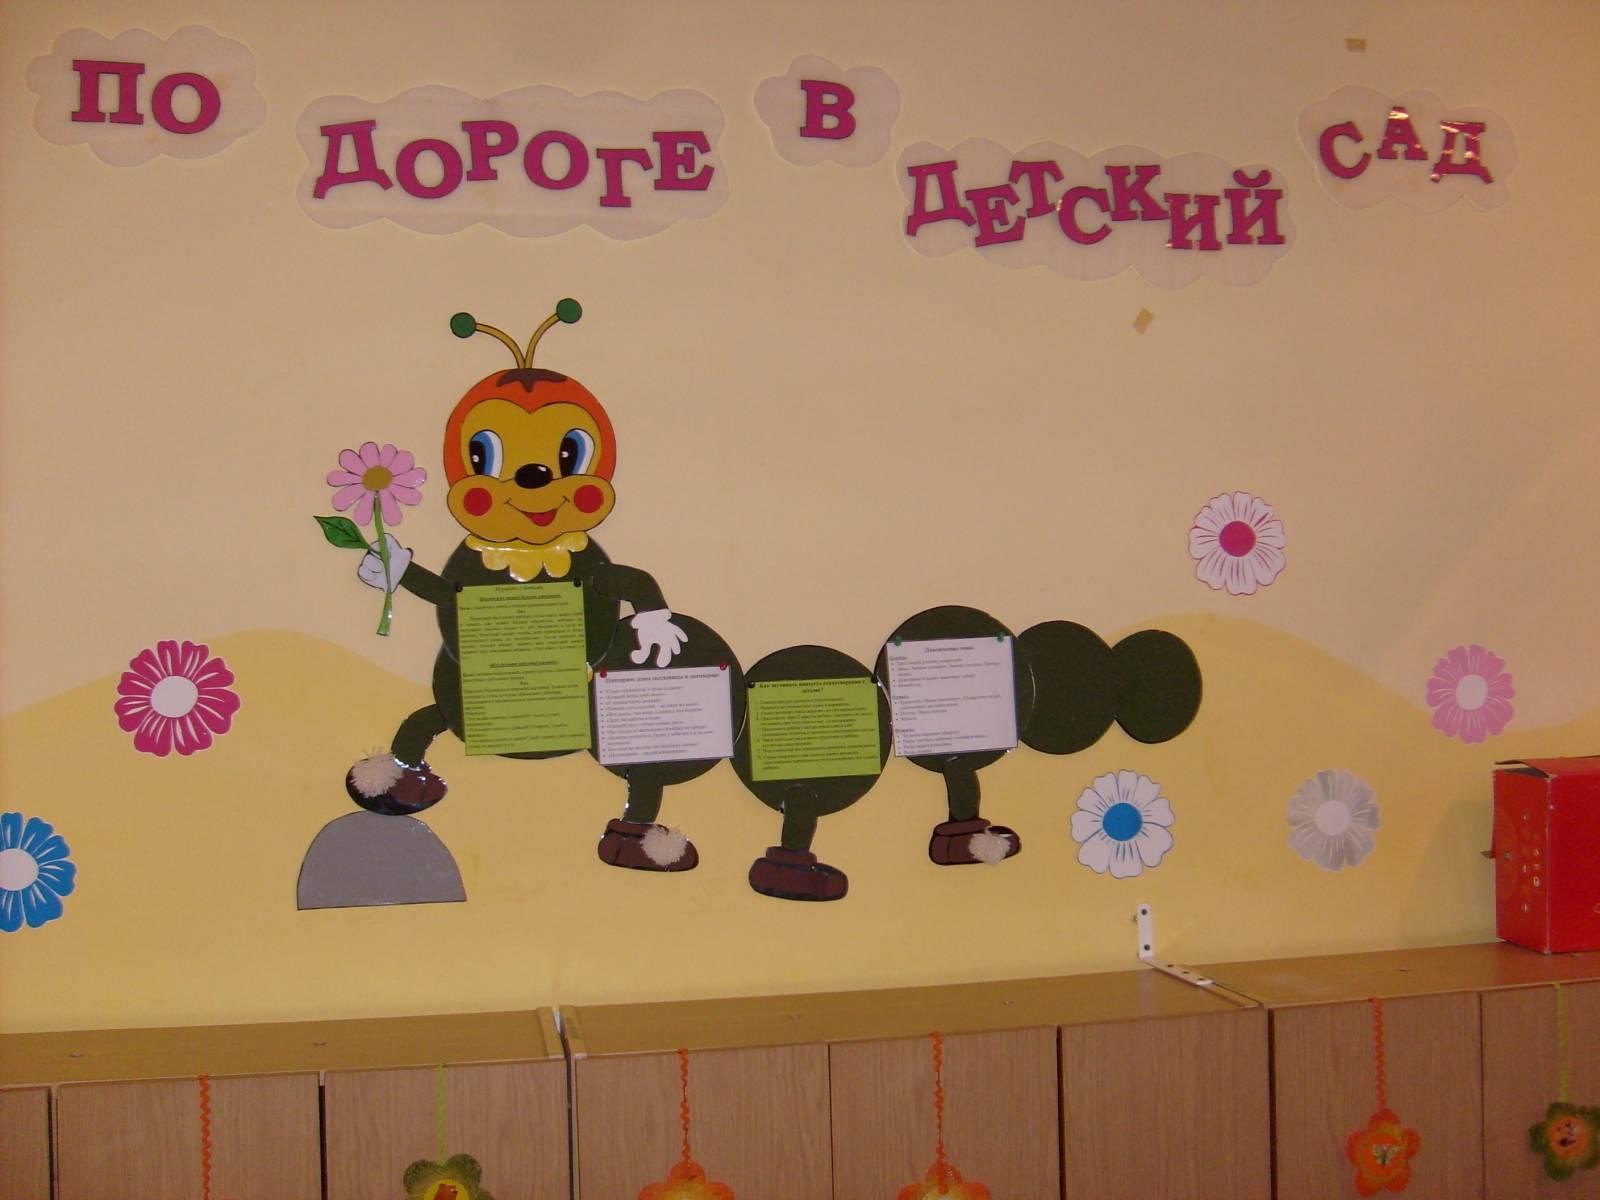 Как оформить приёмную в детском саду своими руками фото 6